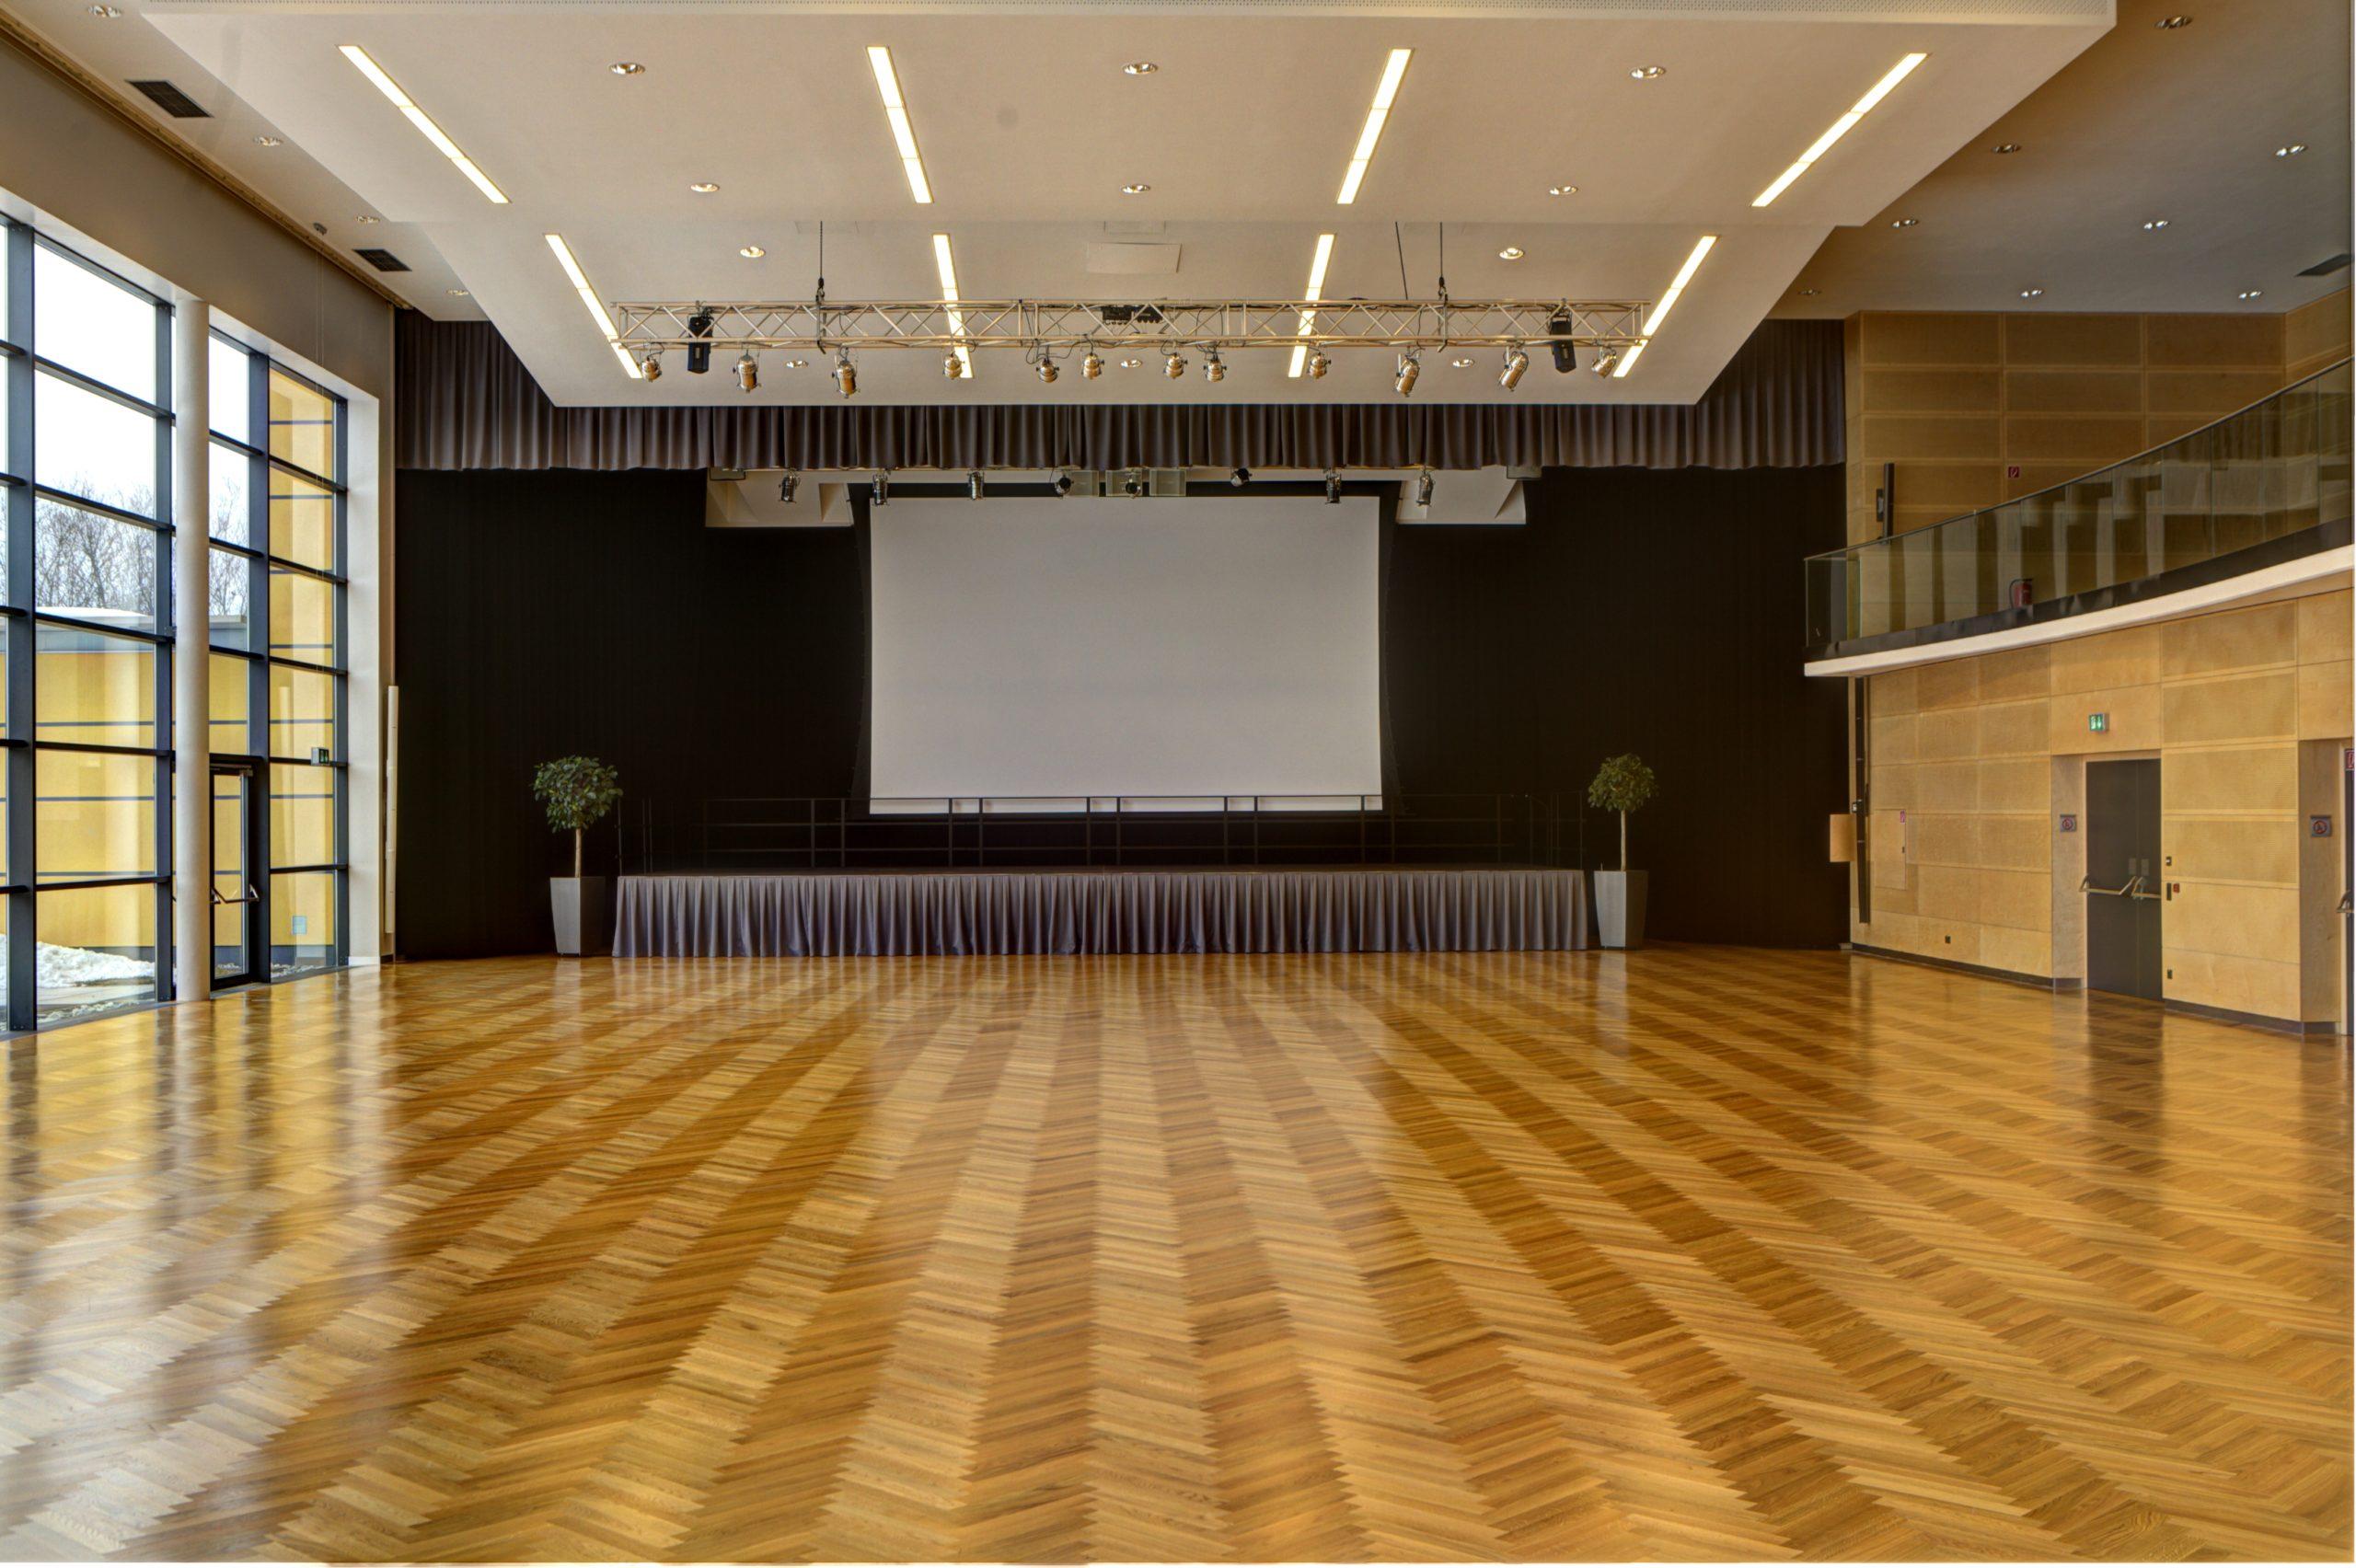 VAZ Krieglach: Bühnentechnik und Bühnenvorhänge aus einer Hand